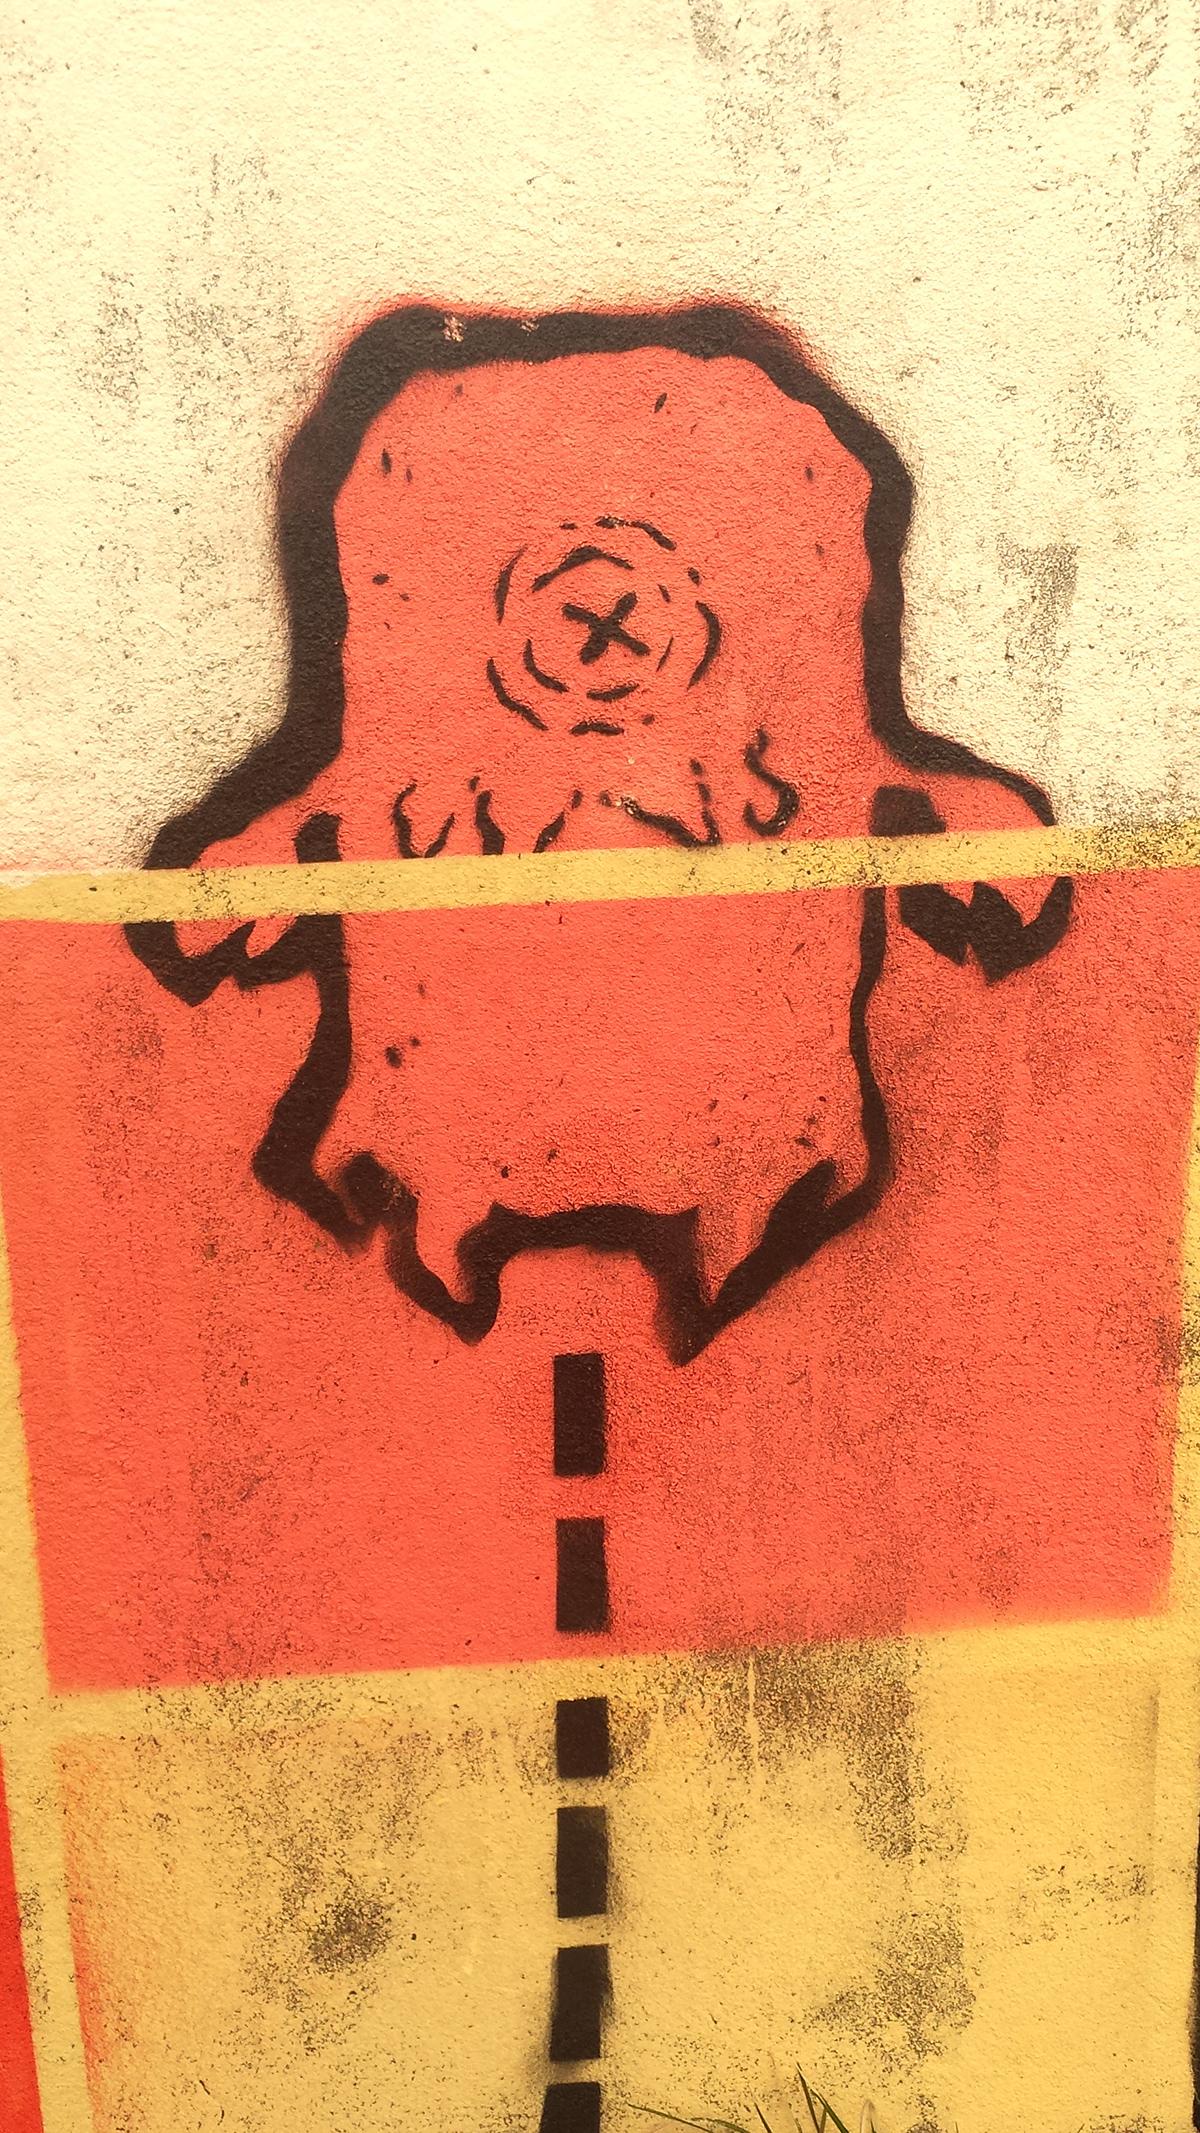 urban art Street Art  graffiti art Montana 94 montana colors cans wall painting geometric Galifornia Beat